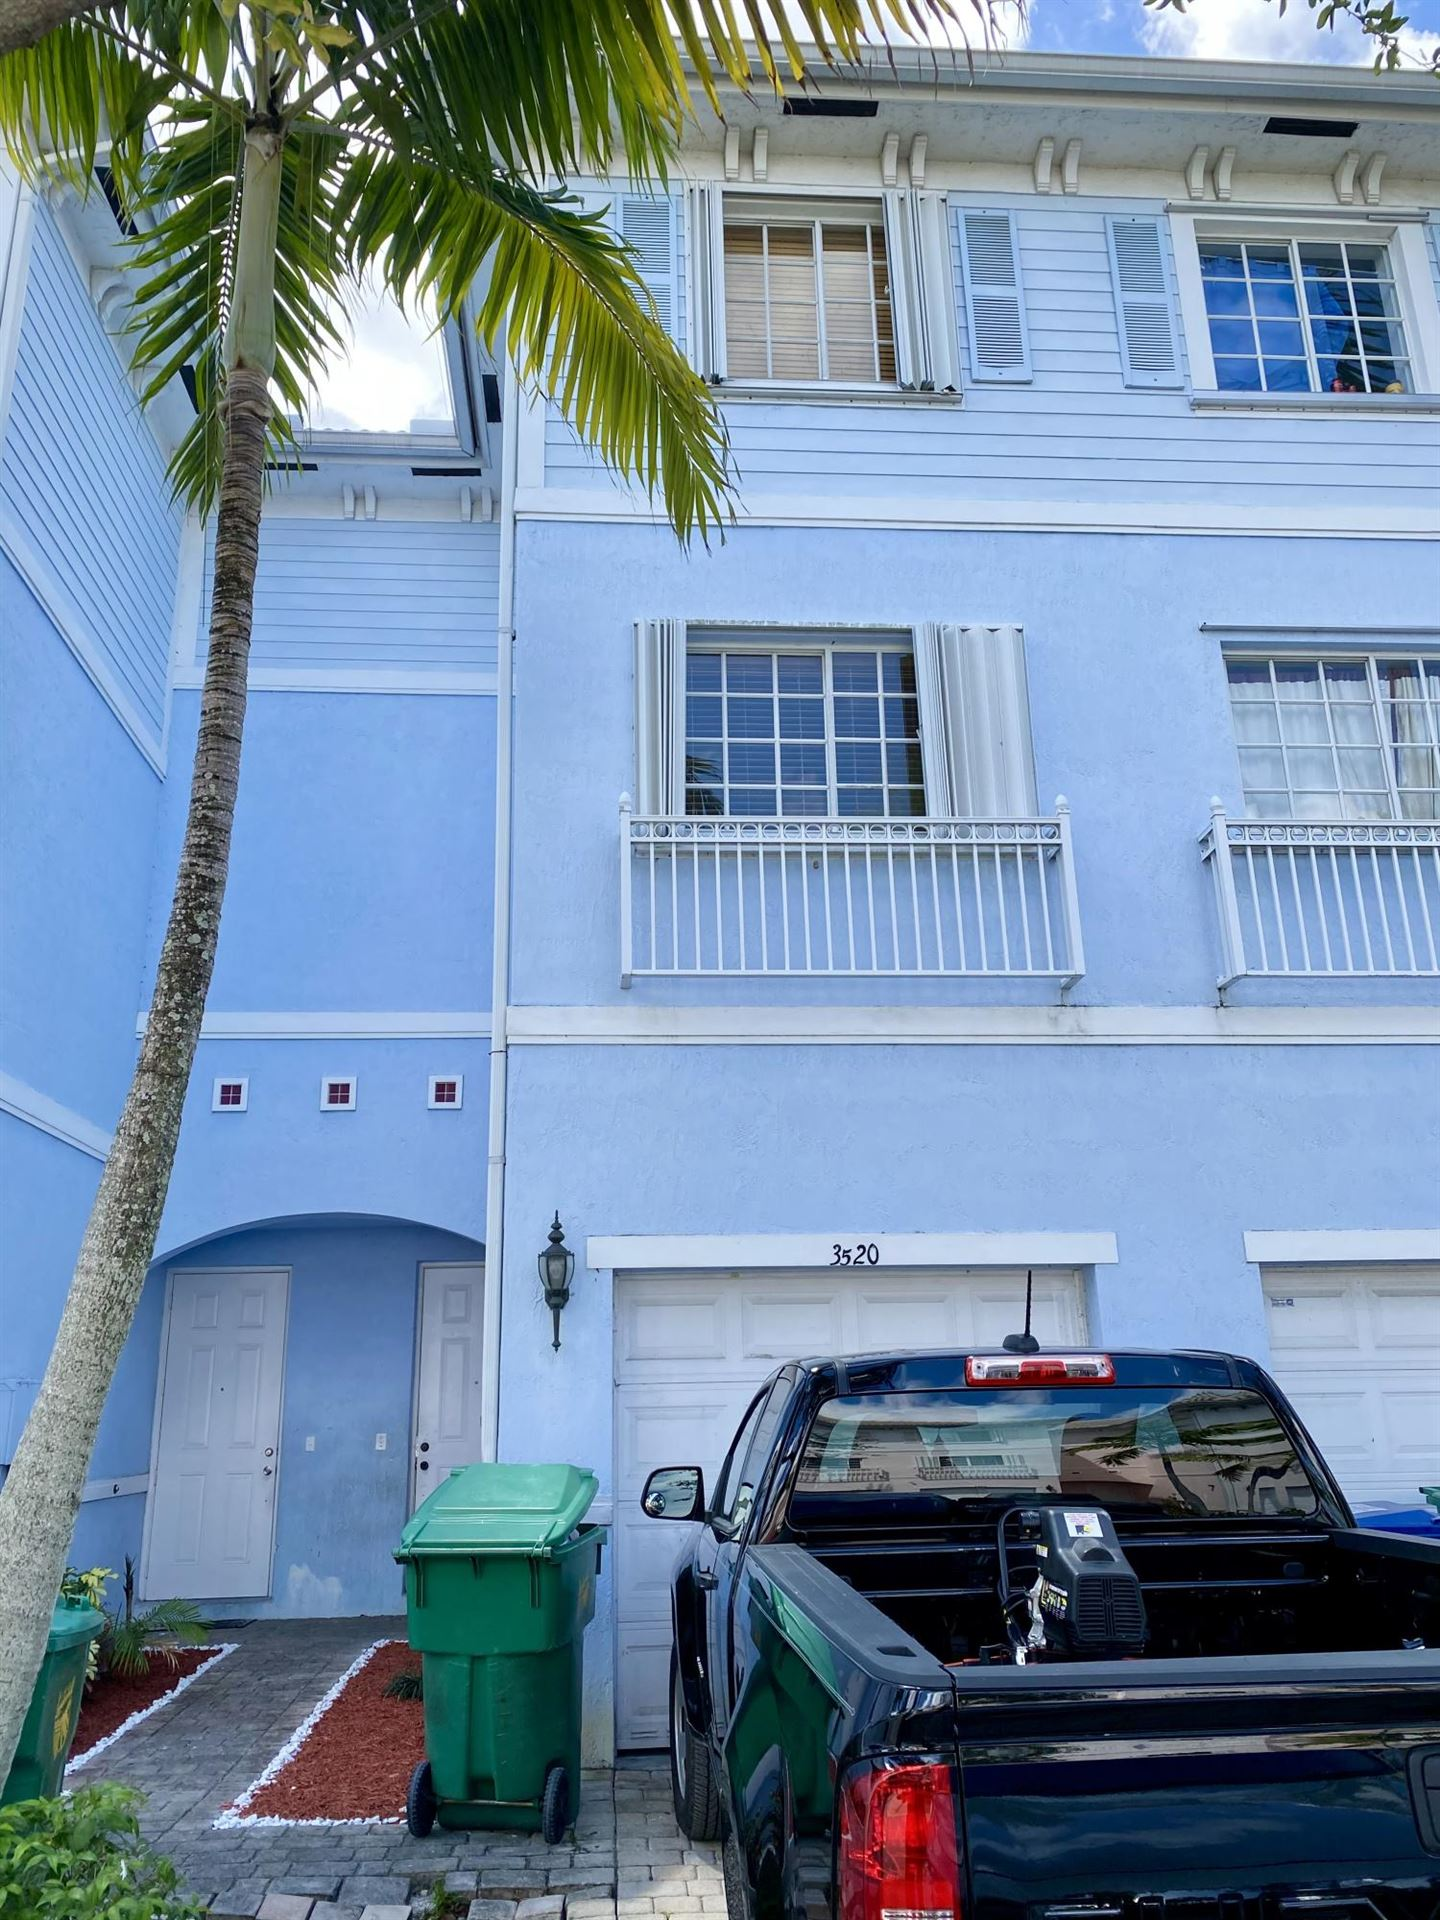 3520 NW 14th Court #3520, Lauderhill, FL 33311 - MLS#: RX-10708550